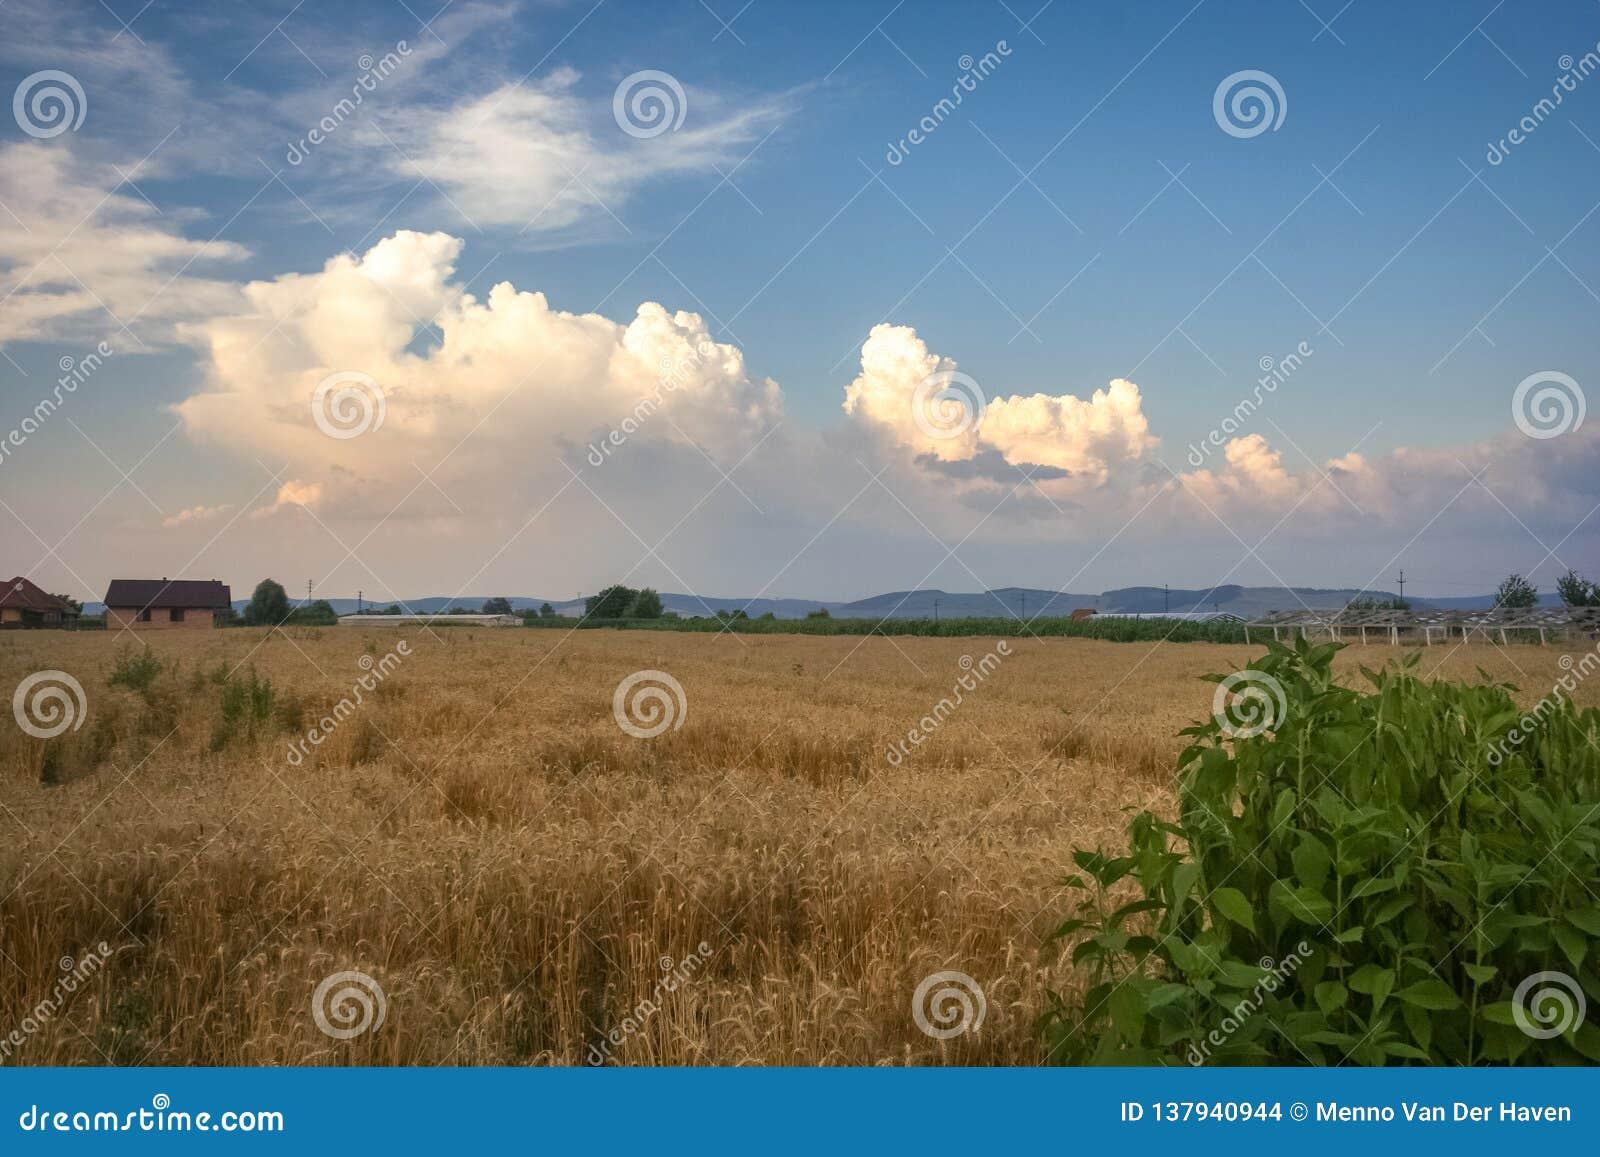 Sturmwolken sind über den Vorbergen der Karpatenberge in Siebenbürgen, Rumänien im Bau